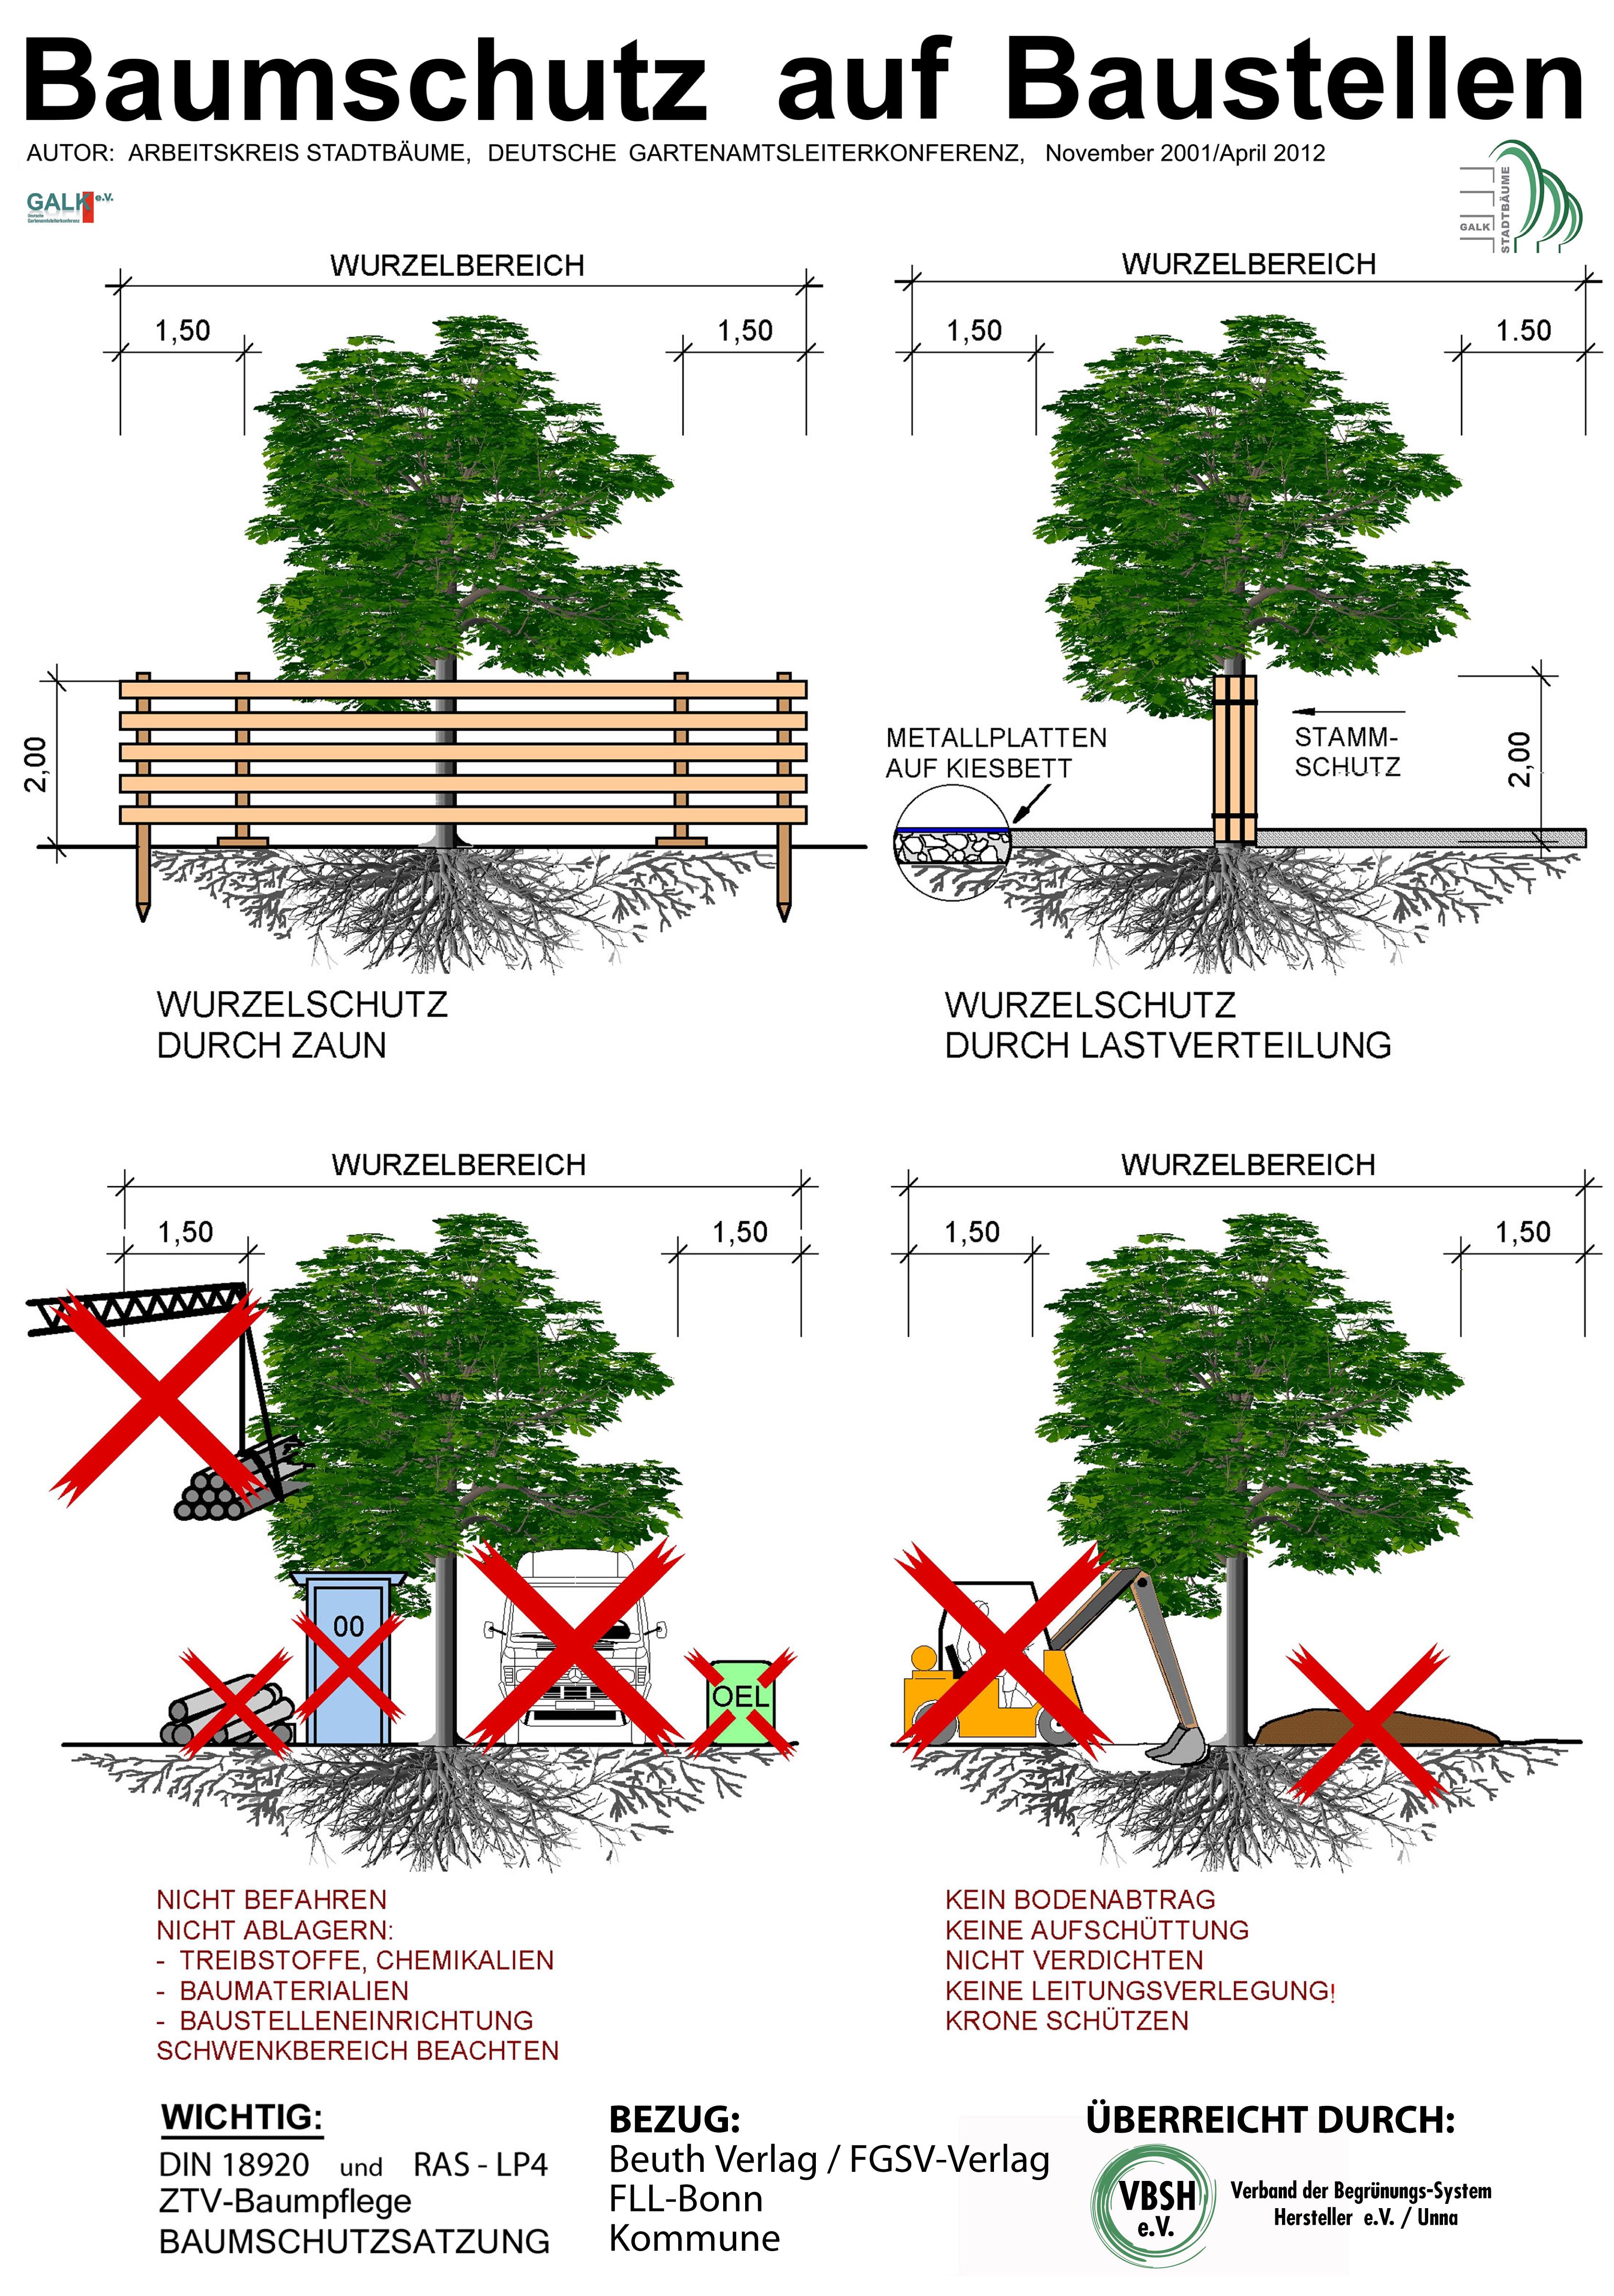 Baumschutz auf der Baustelle